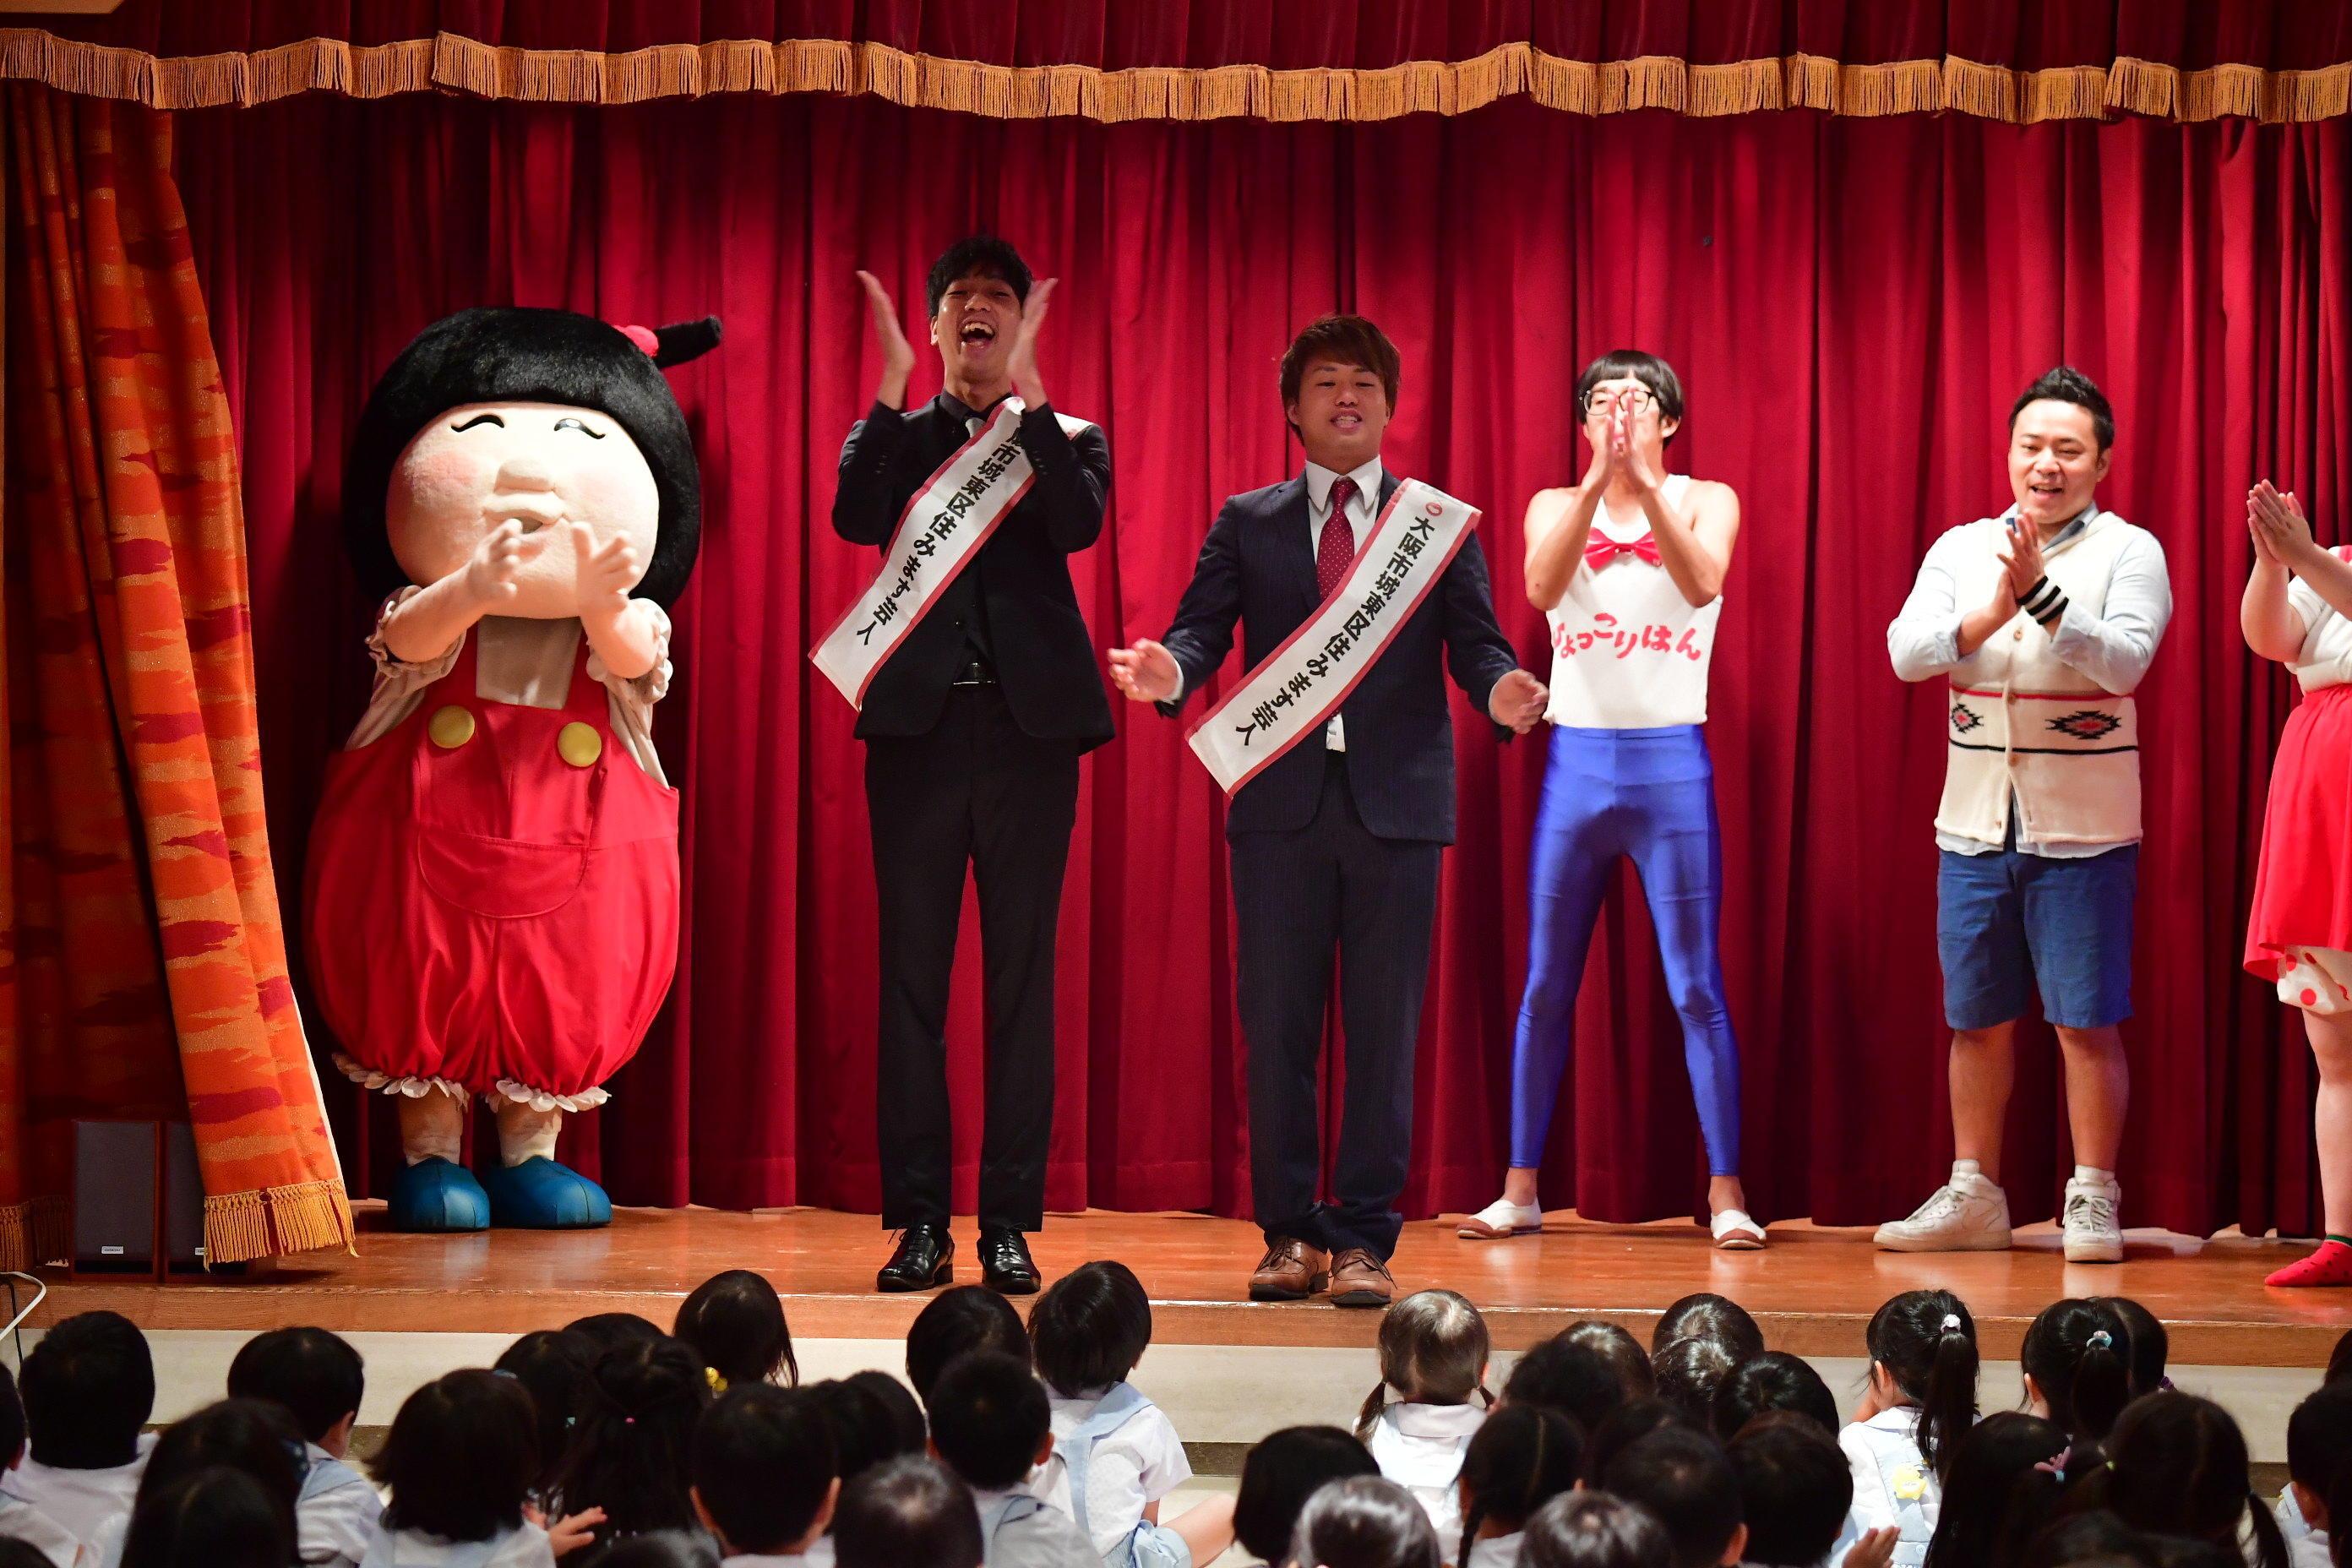 http://news.yoshimoto.co.jp/20180914155752-fb614b73795de9bd3a17b6da4baa1fc54da9ae88.jpg